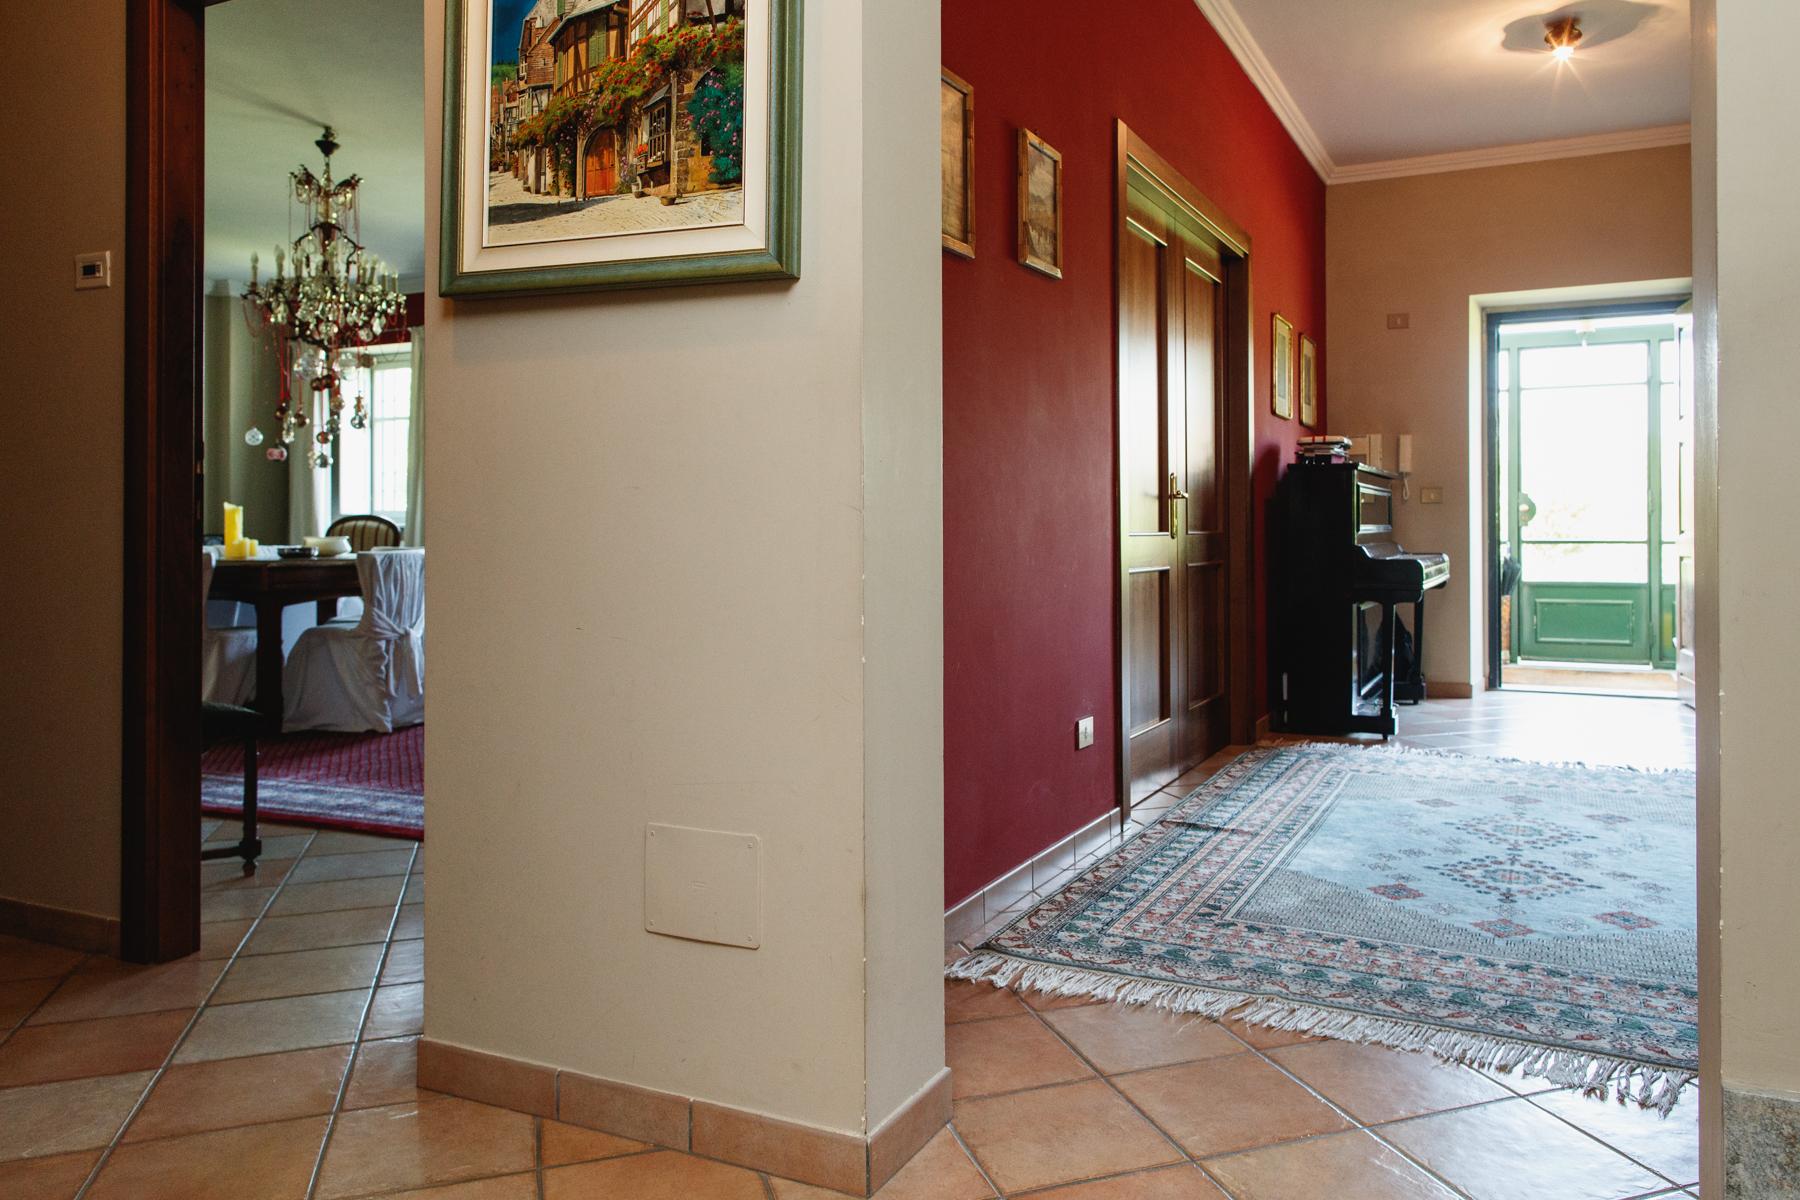 Casa indipendente in Vendita a Moncalieri: 5 locali, 370 mq - Foto 10